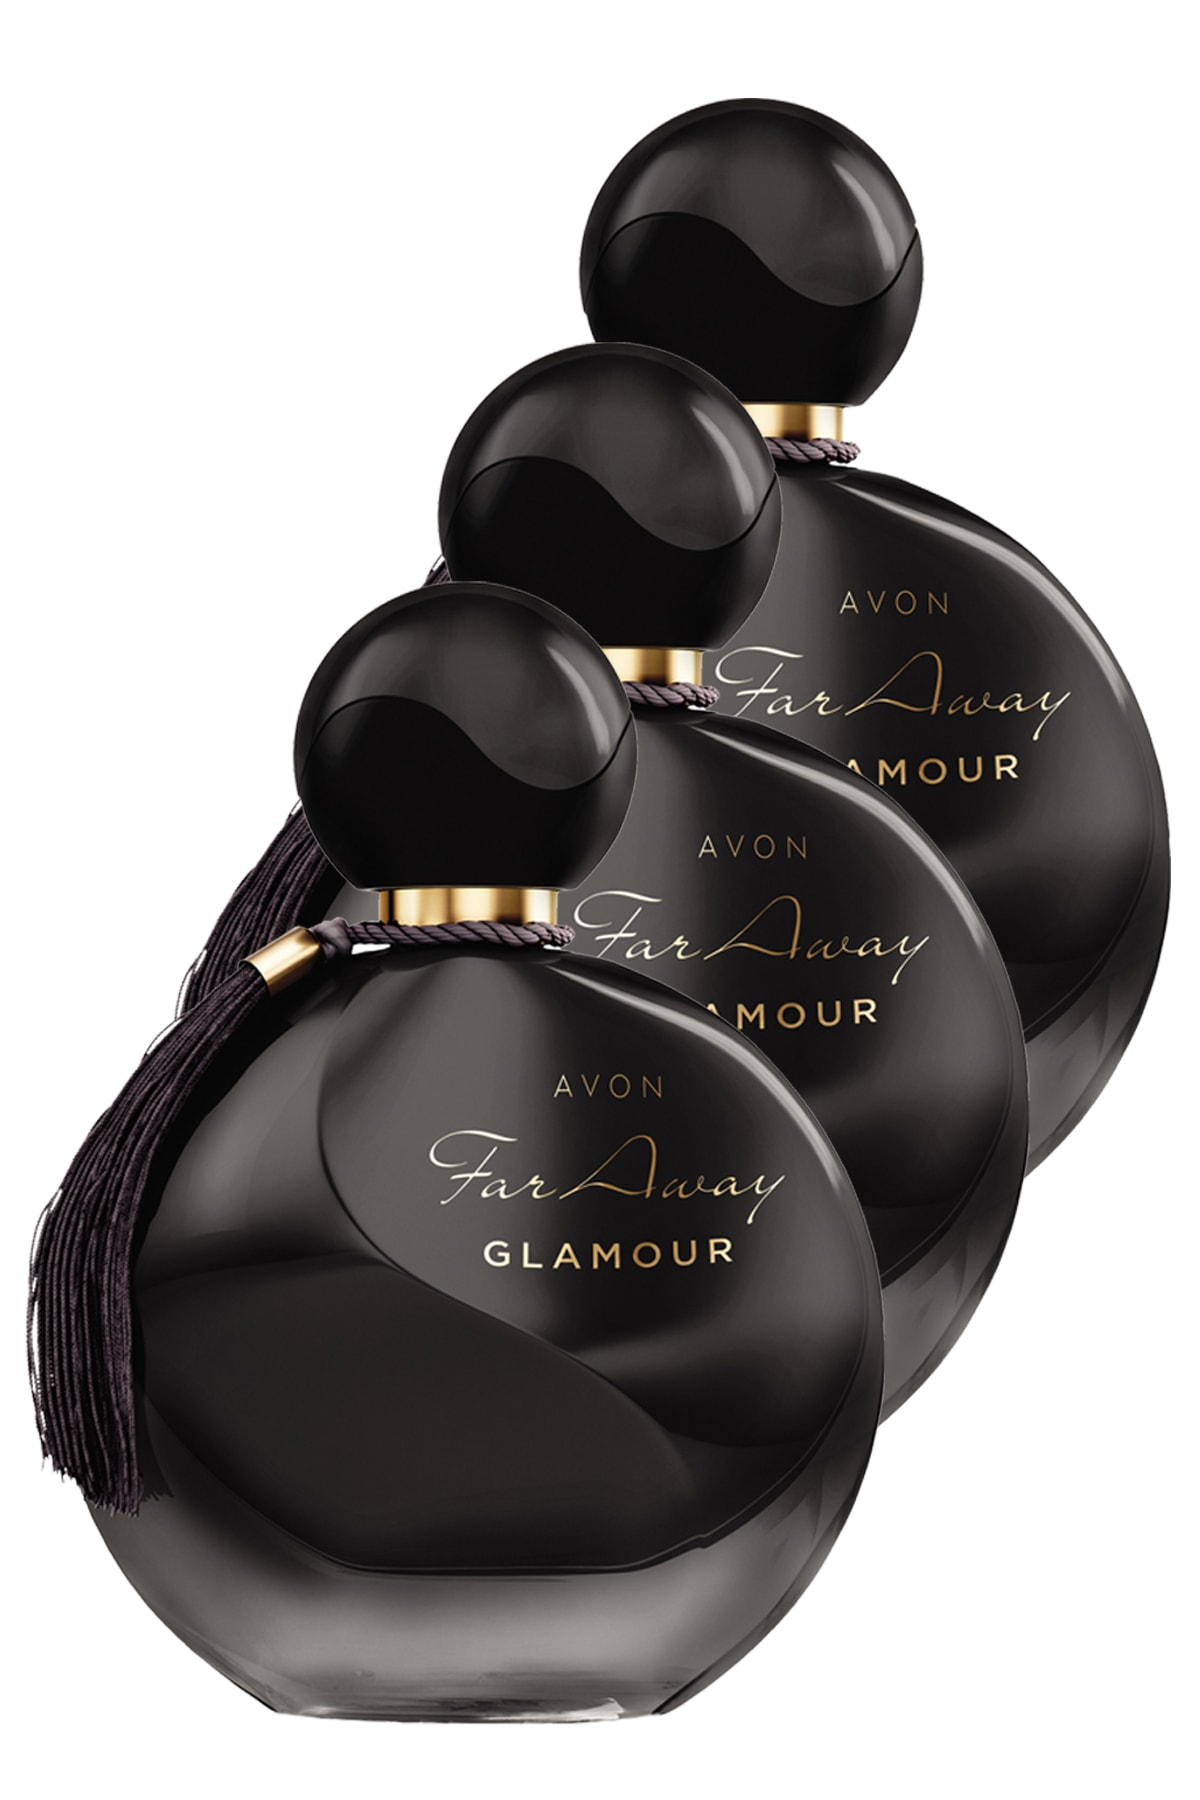 Avon Far Away Glamour Kadın Parfüm Edp 50 ml 3'lü Set 5050000102421 0